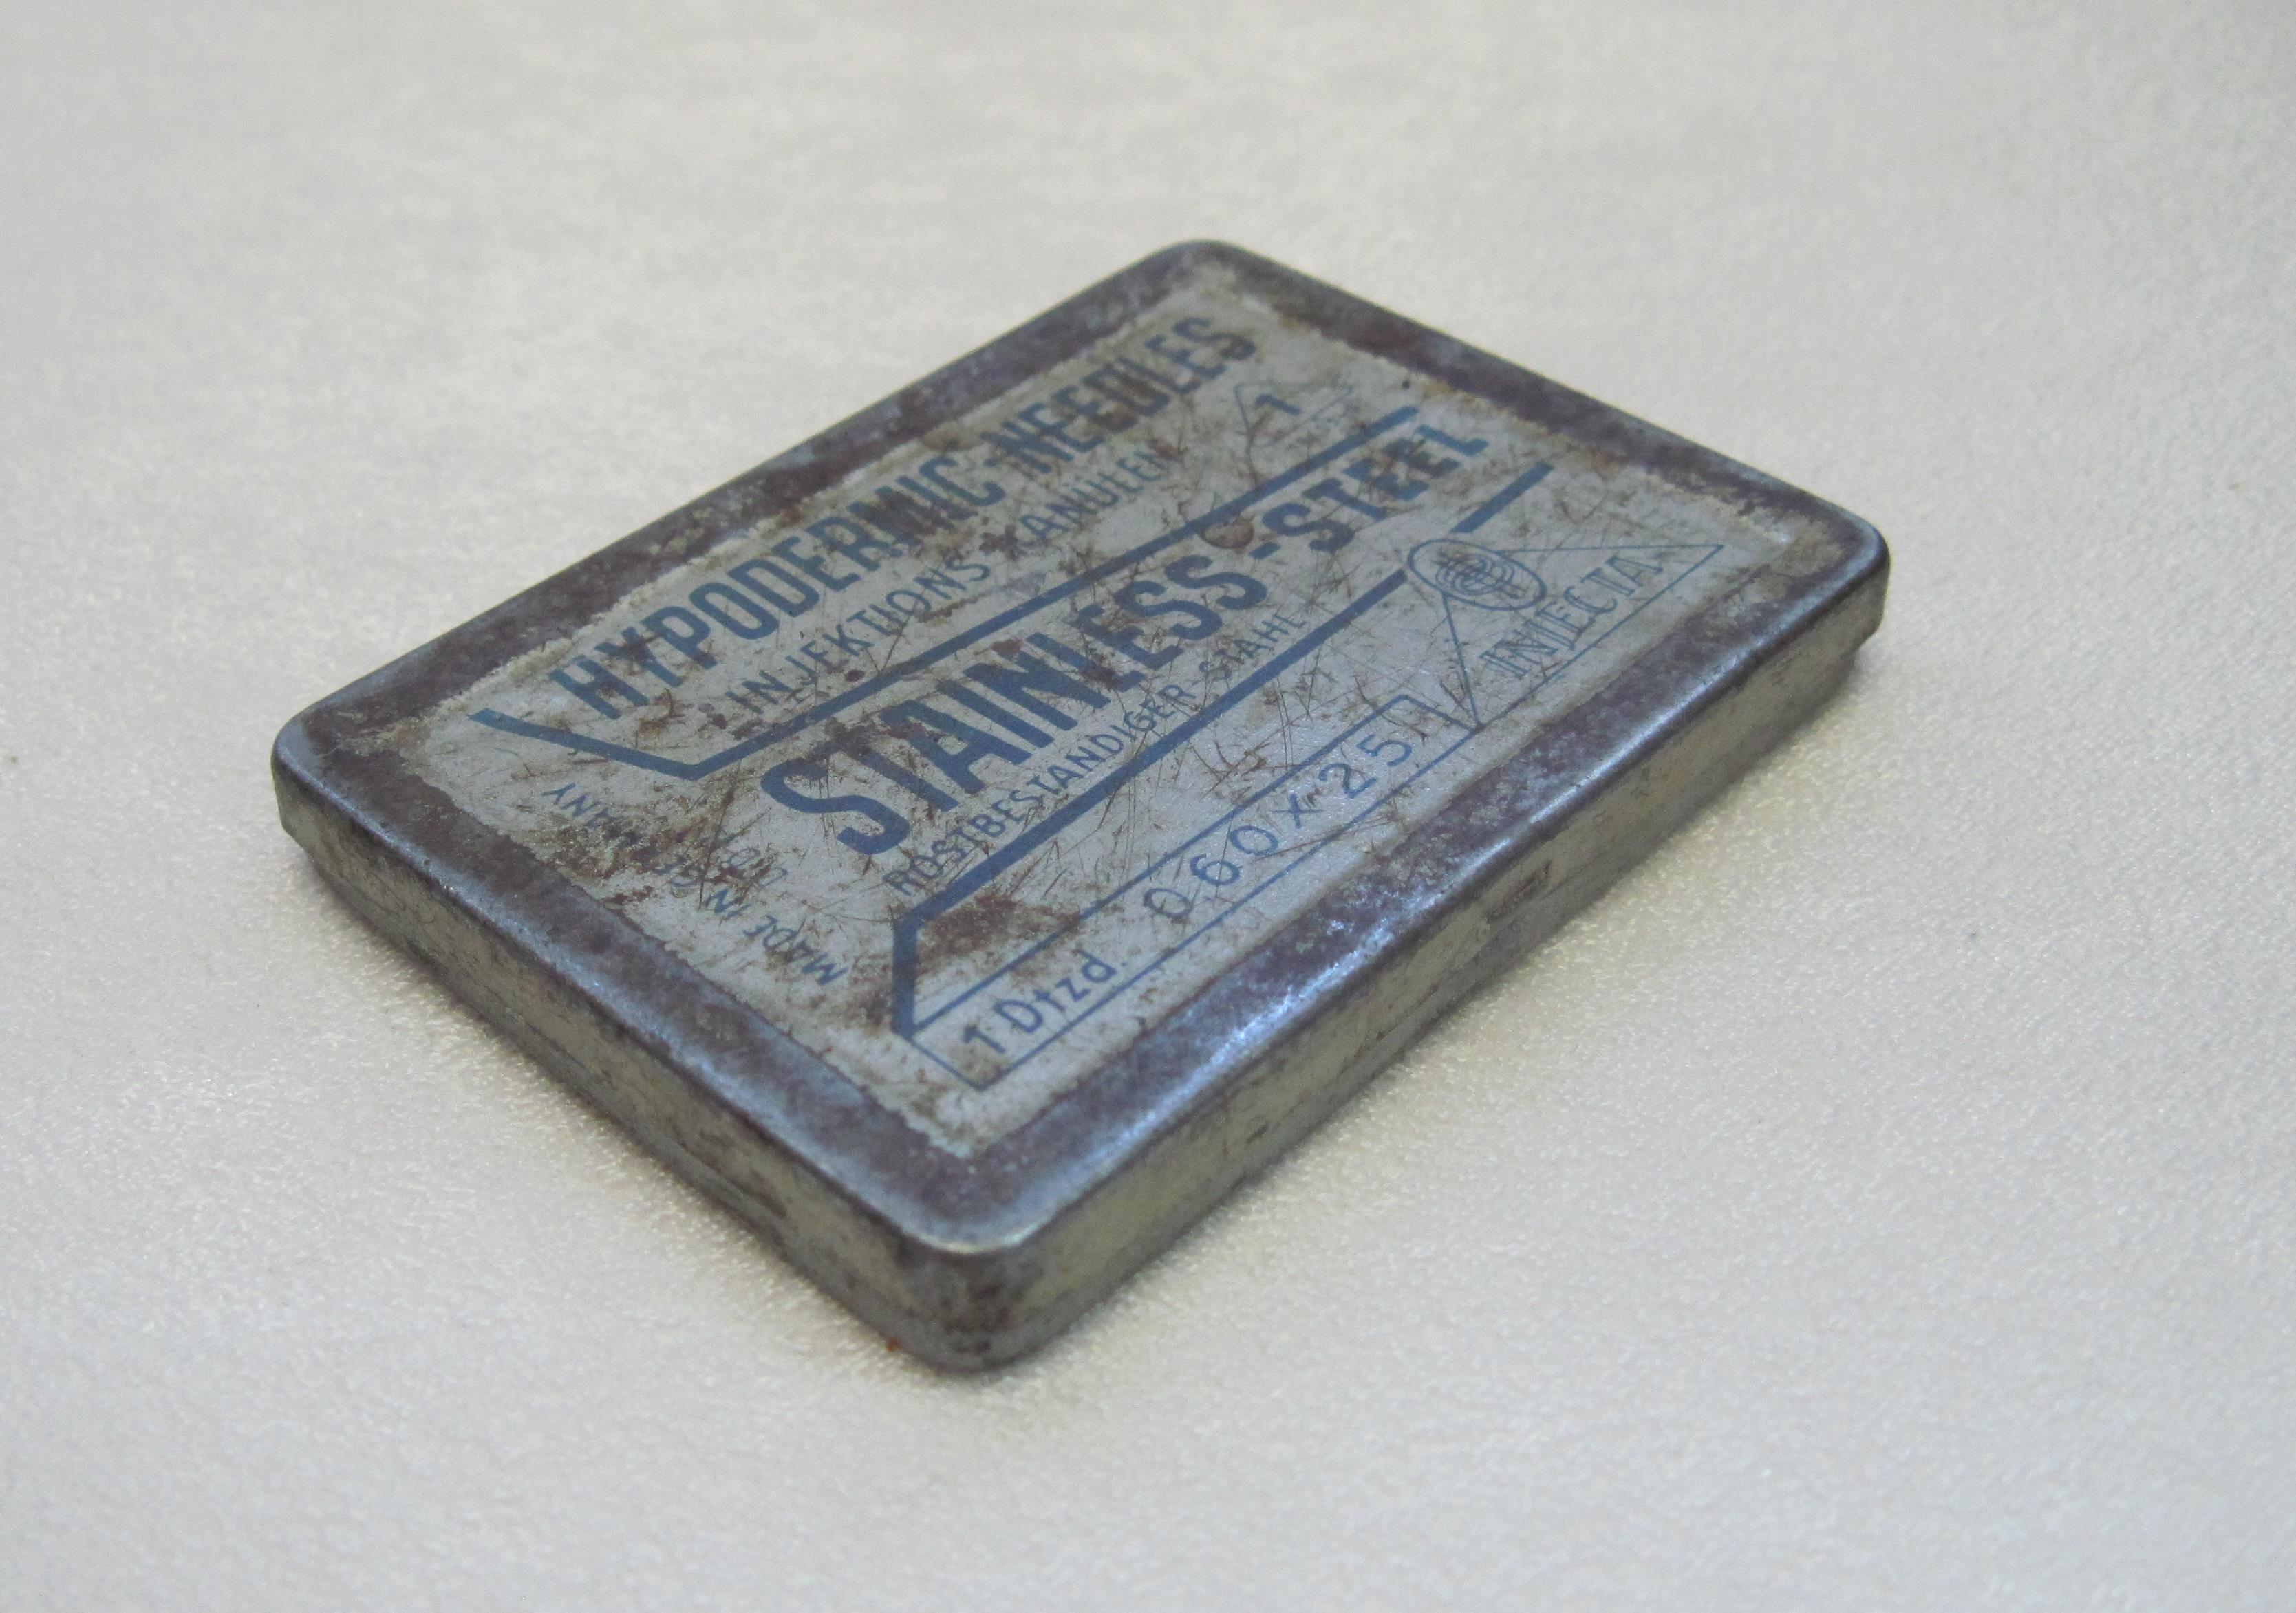 Коробка жестяная. Упаковка игл для подкожных инъекций. Материал, техника: Жесть, штамповка, вальцовка.<br /> Размер: 7.6 х 5.6 х 0.9 см.<br /> Место создания: Германия.